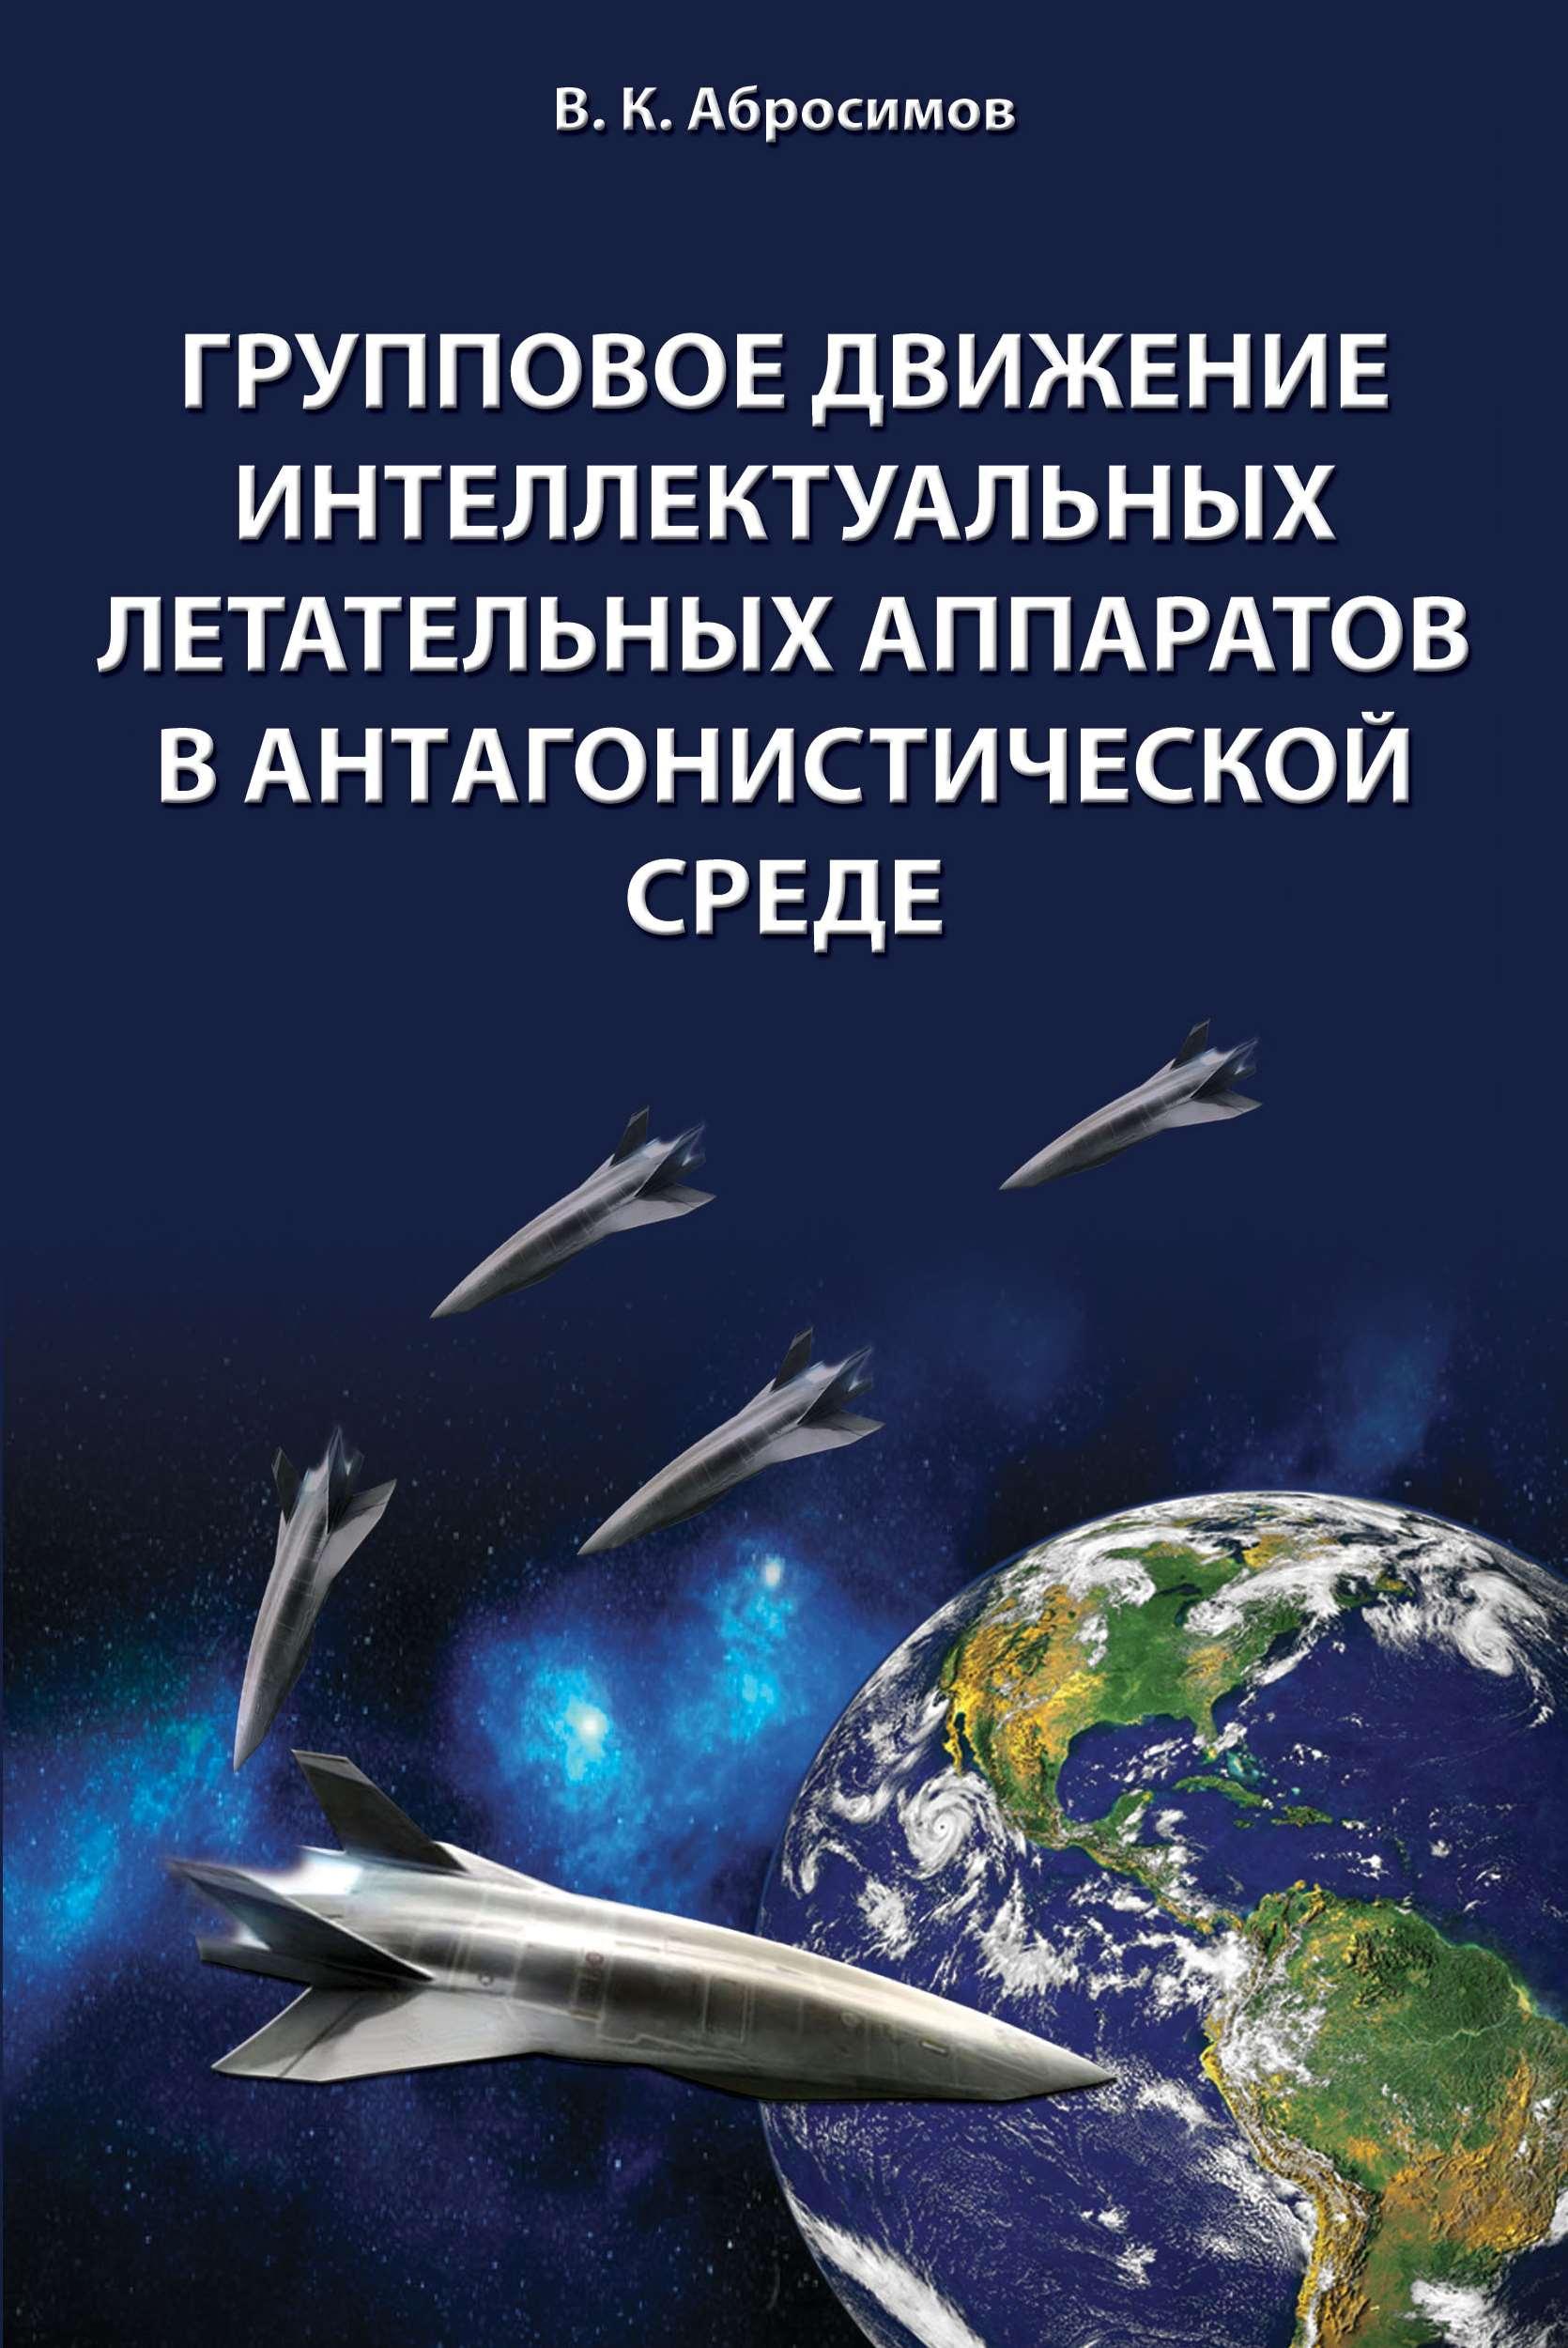 В. К. Абросимов Групповое движение интеллектуальных летательных аппаратов в антaгонистической среде а в кукарцев инструменты управления бизнес процессами предприятия ракетно космической промышленности в конкурентной среде